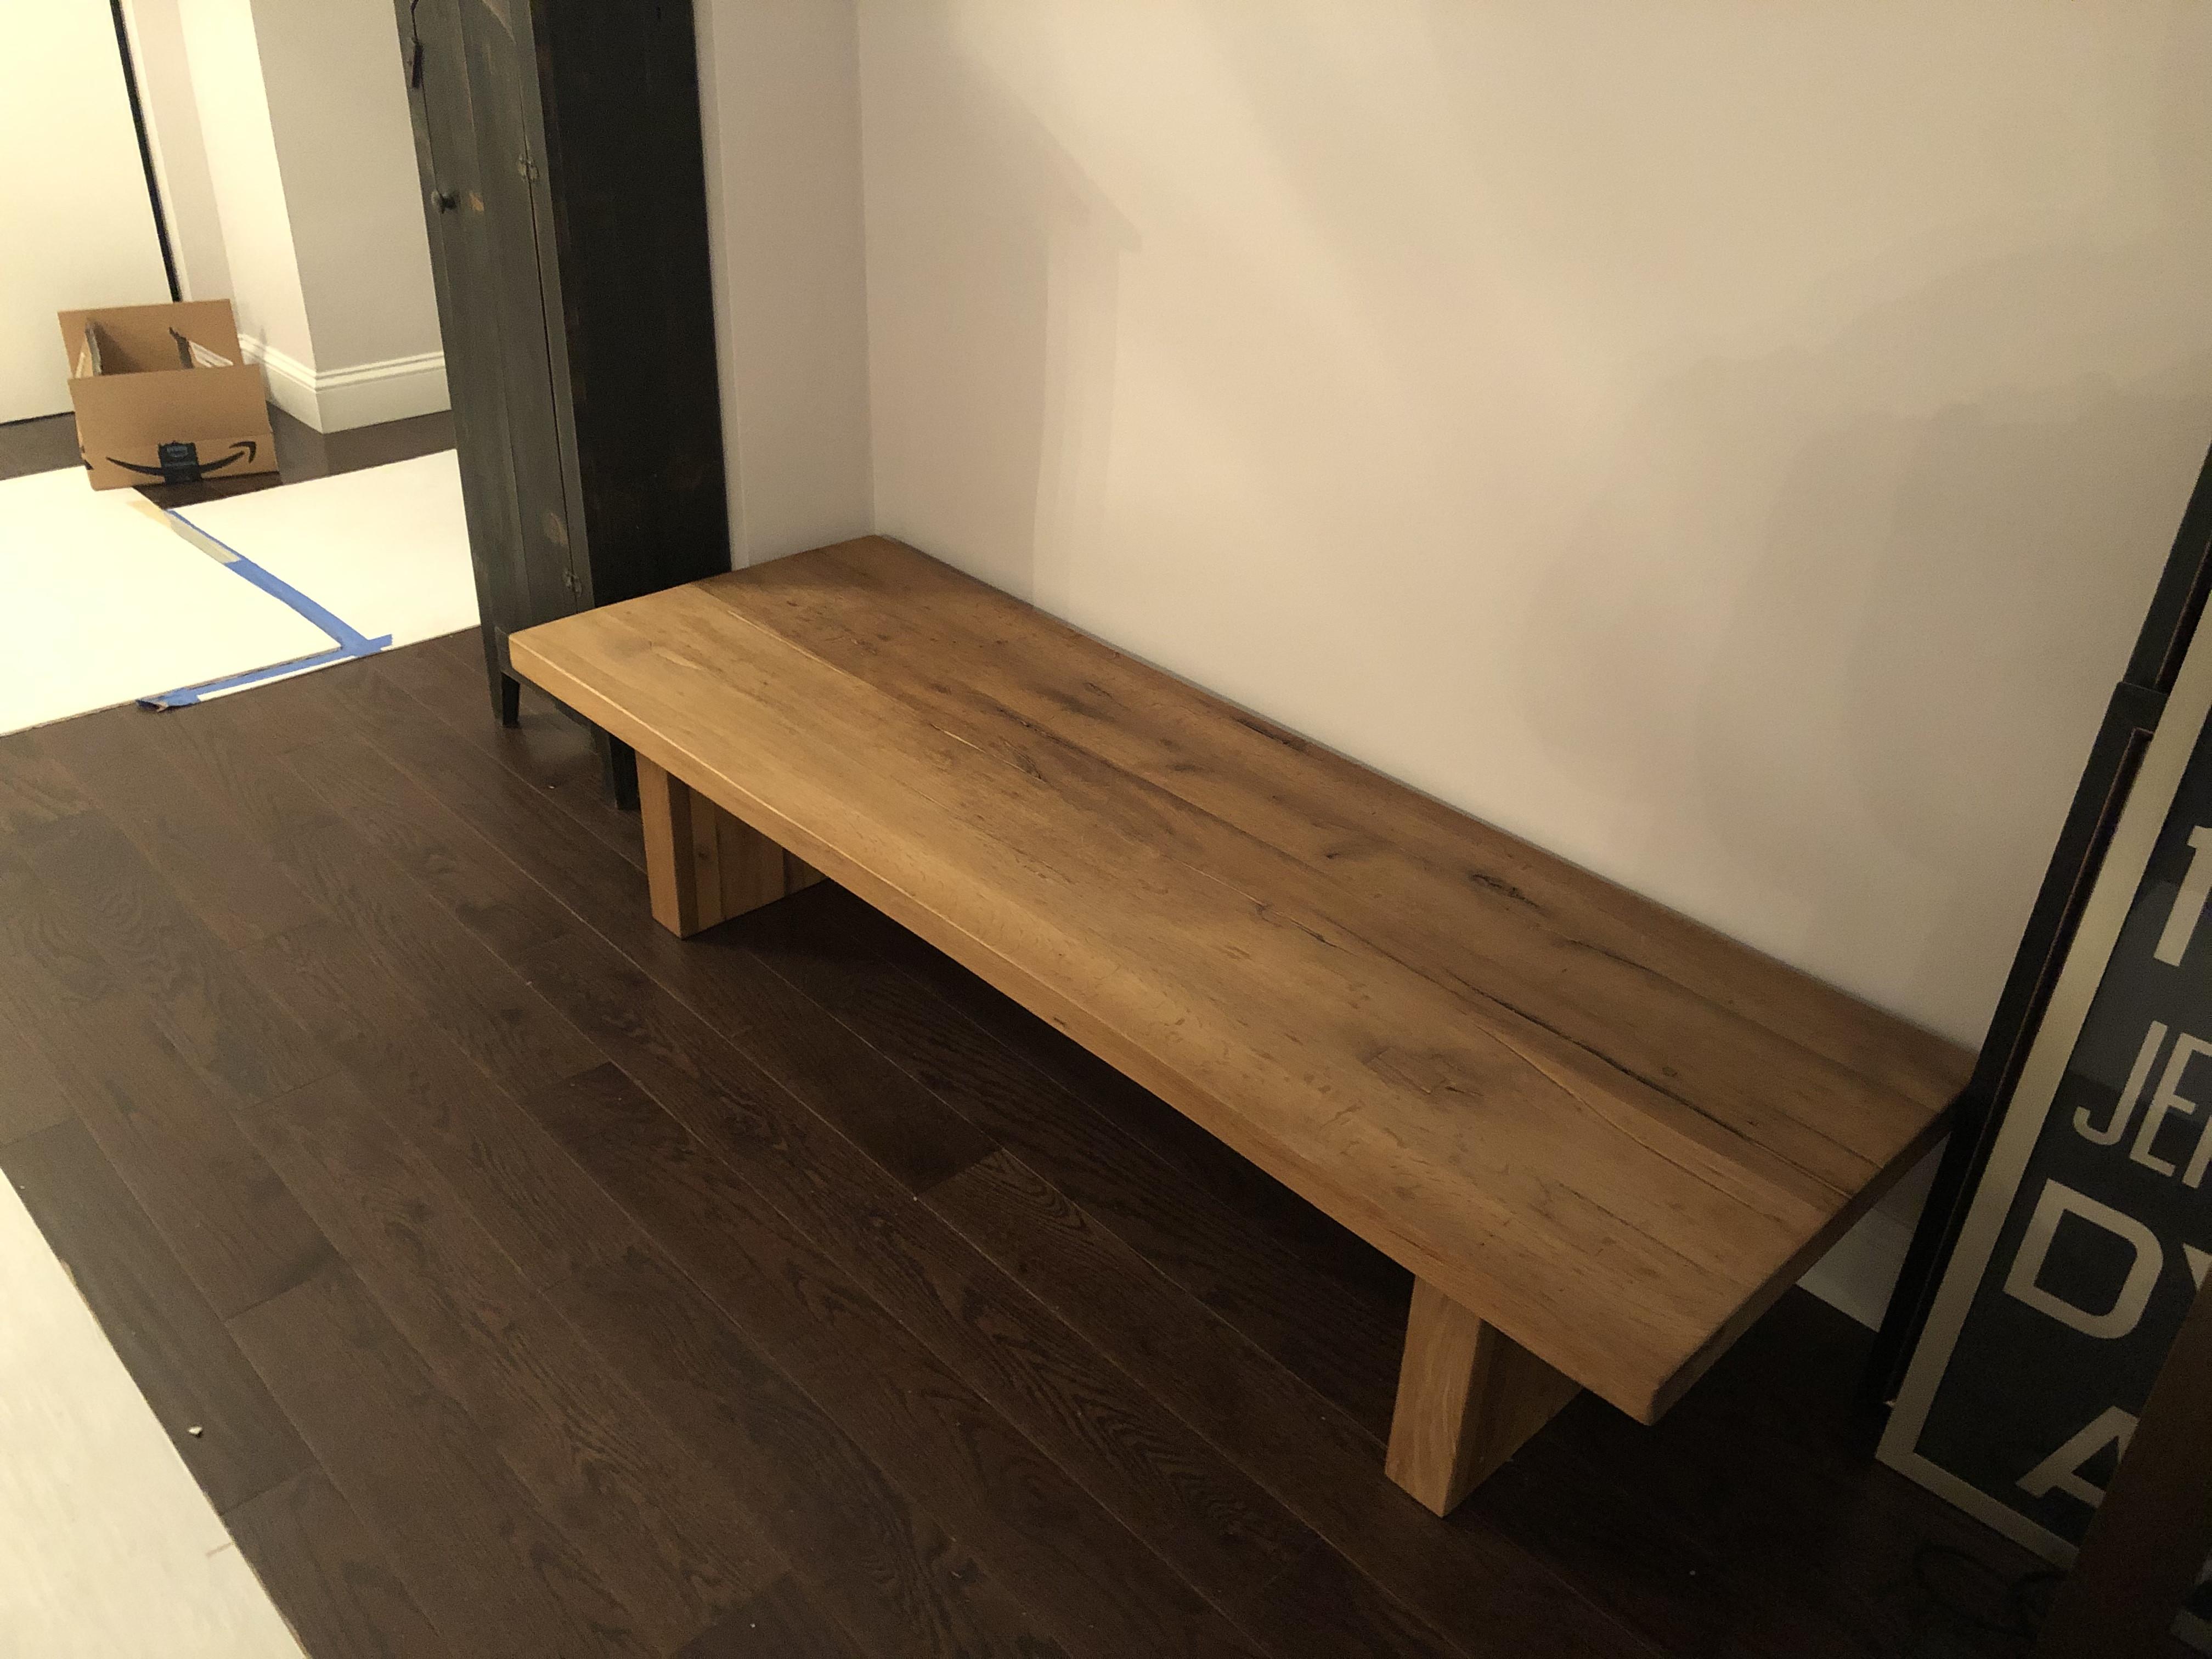 Restoration Hardware Reclaimed Russian Oak Coffee Table